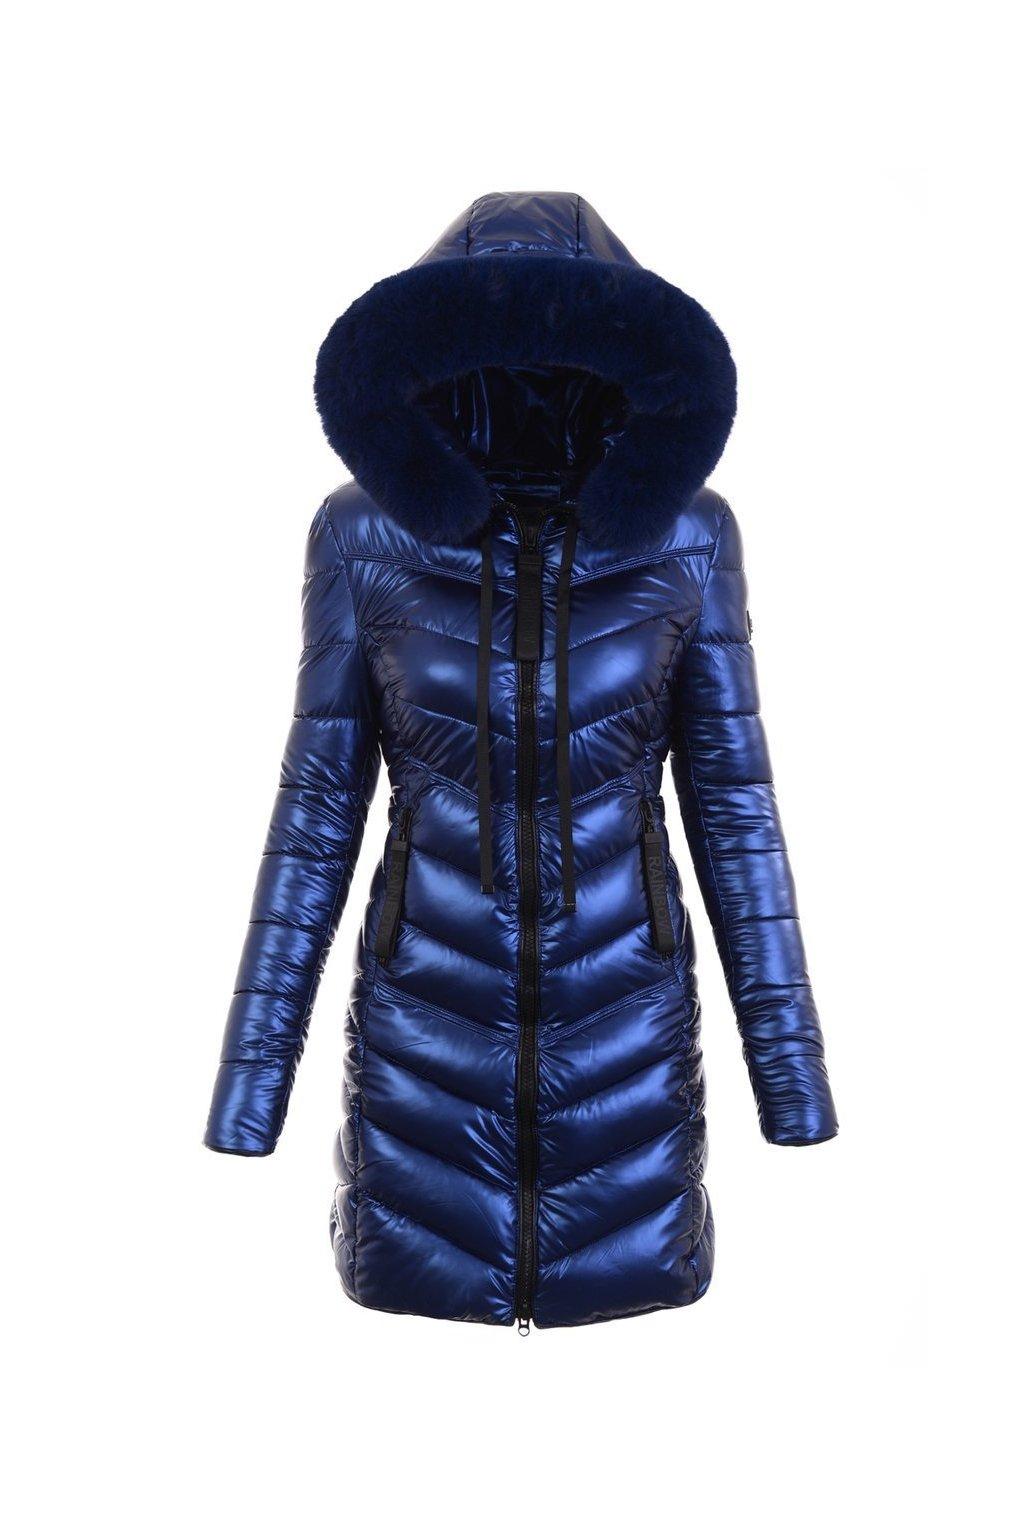 Dámska dlhá zimná bunda s kapucňou 6018 modrá